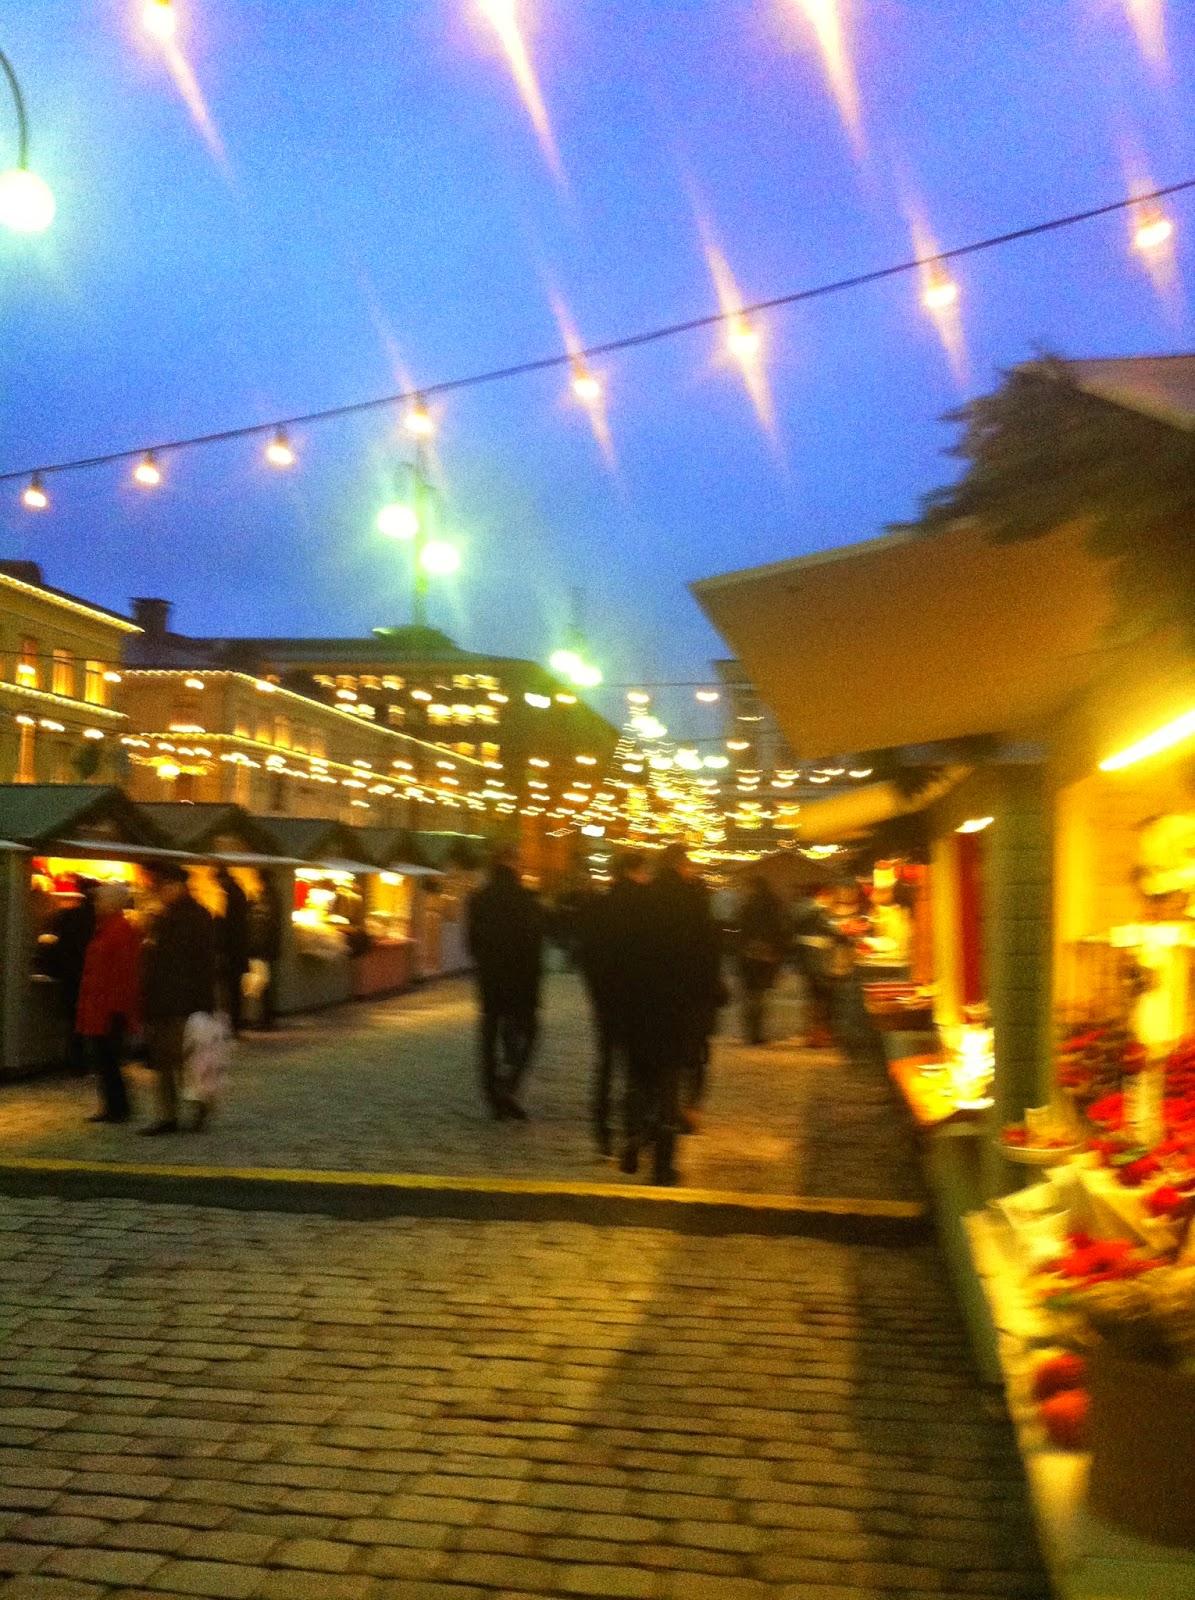 tuomaanmarkkinat, lahjakuja, christmas, joulumarkkinat, christmasmarket